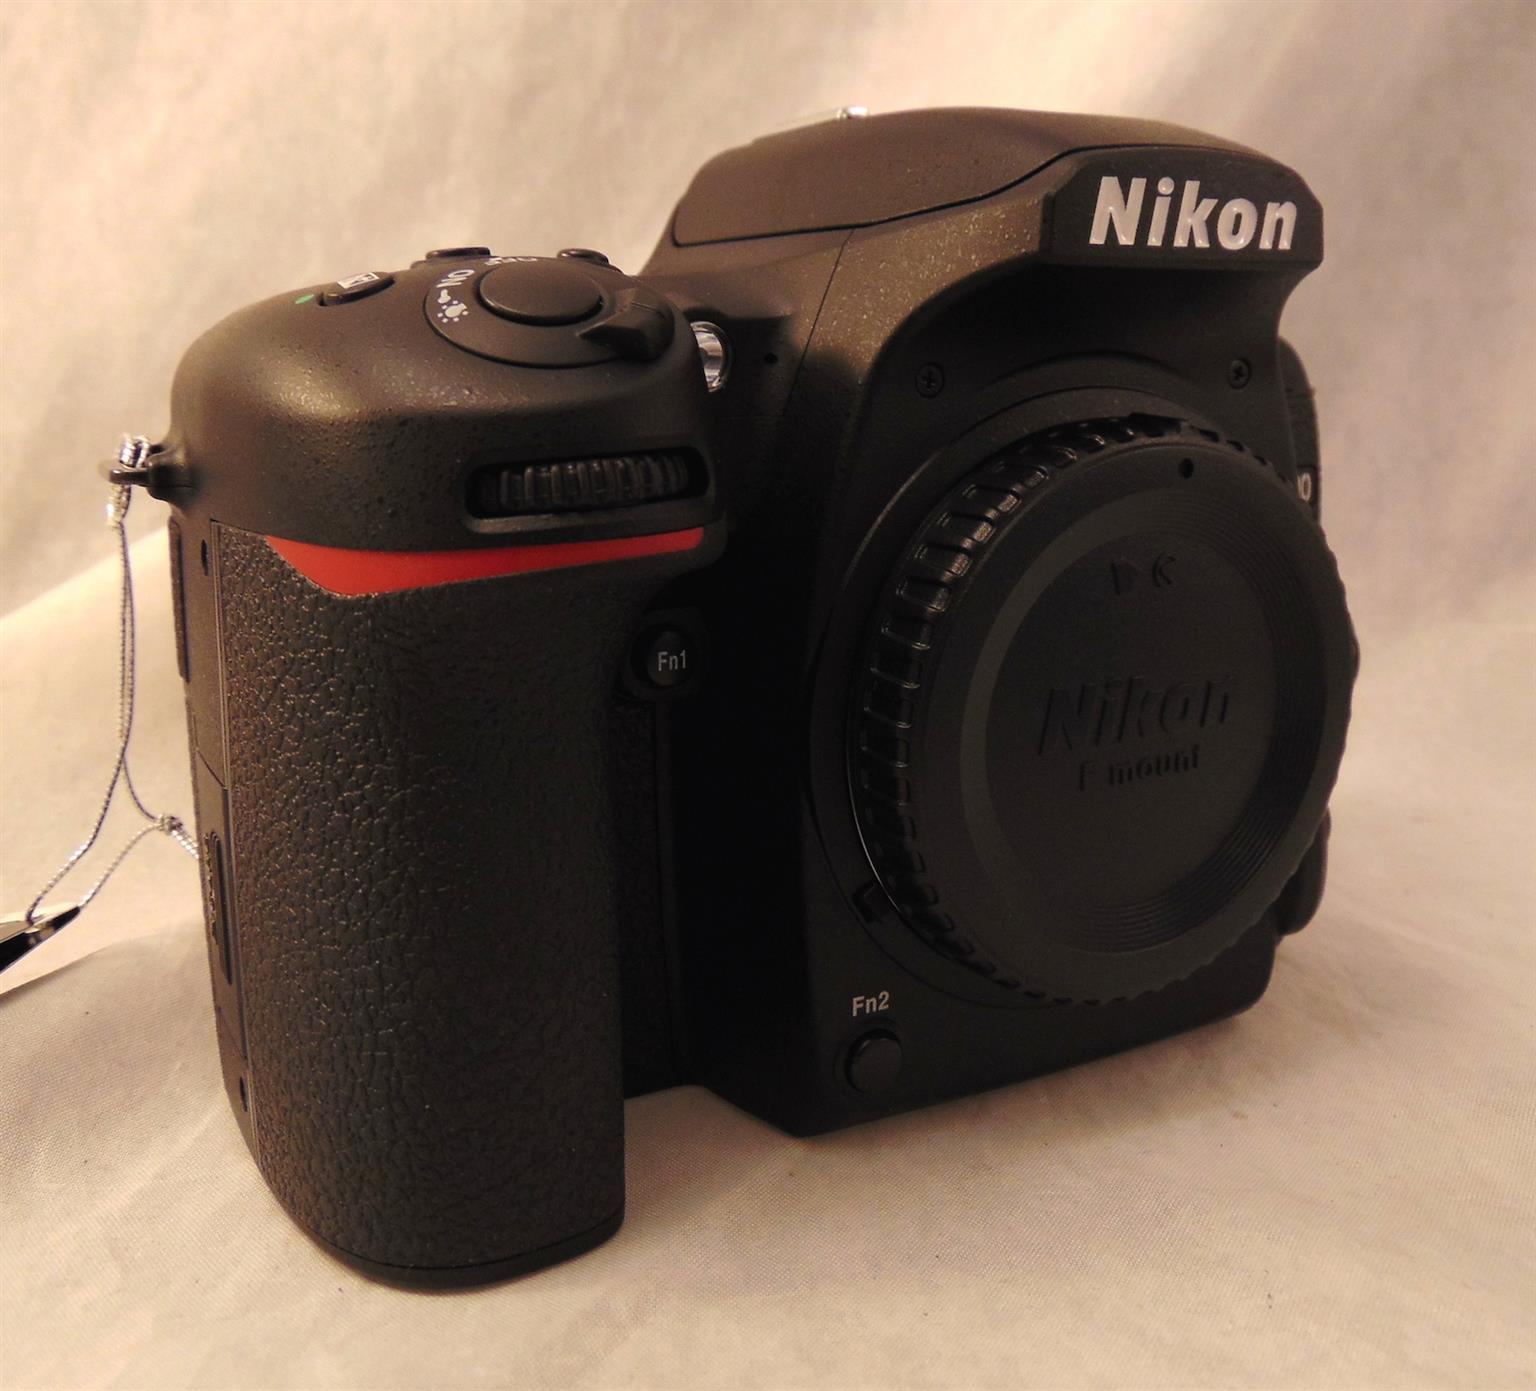 preused Nikon d7500 body